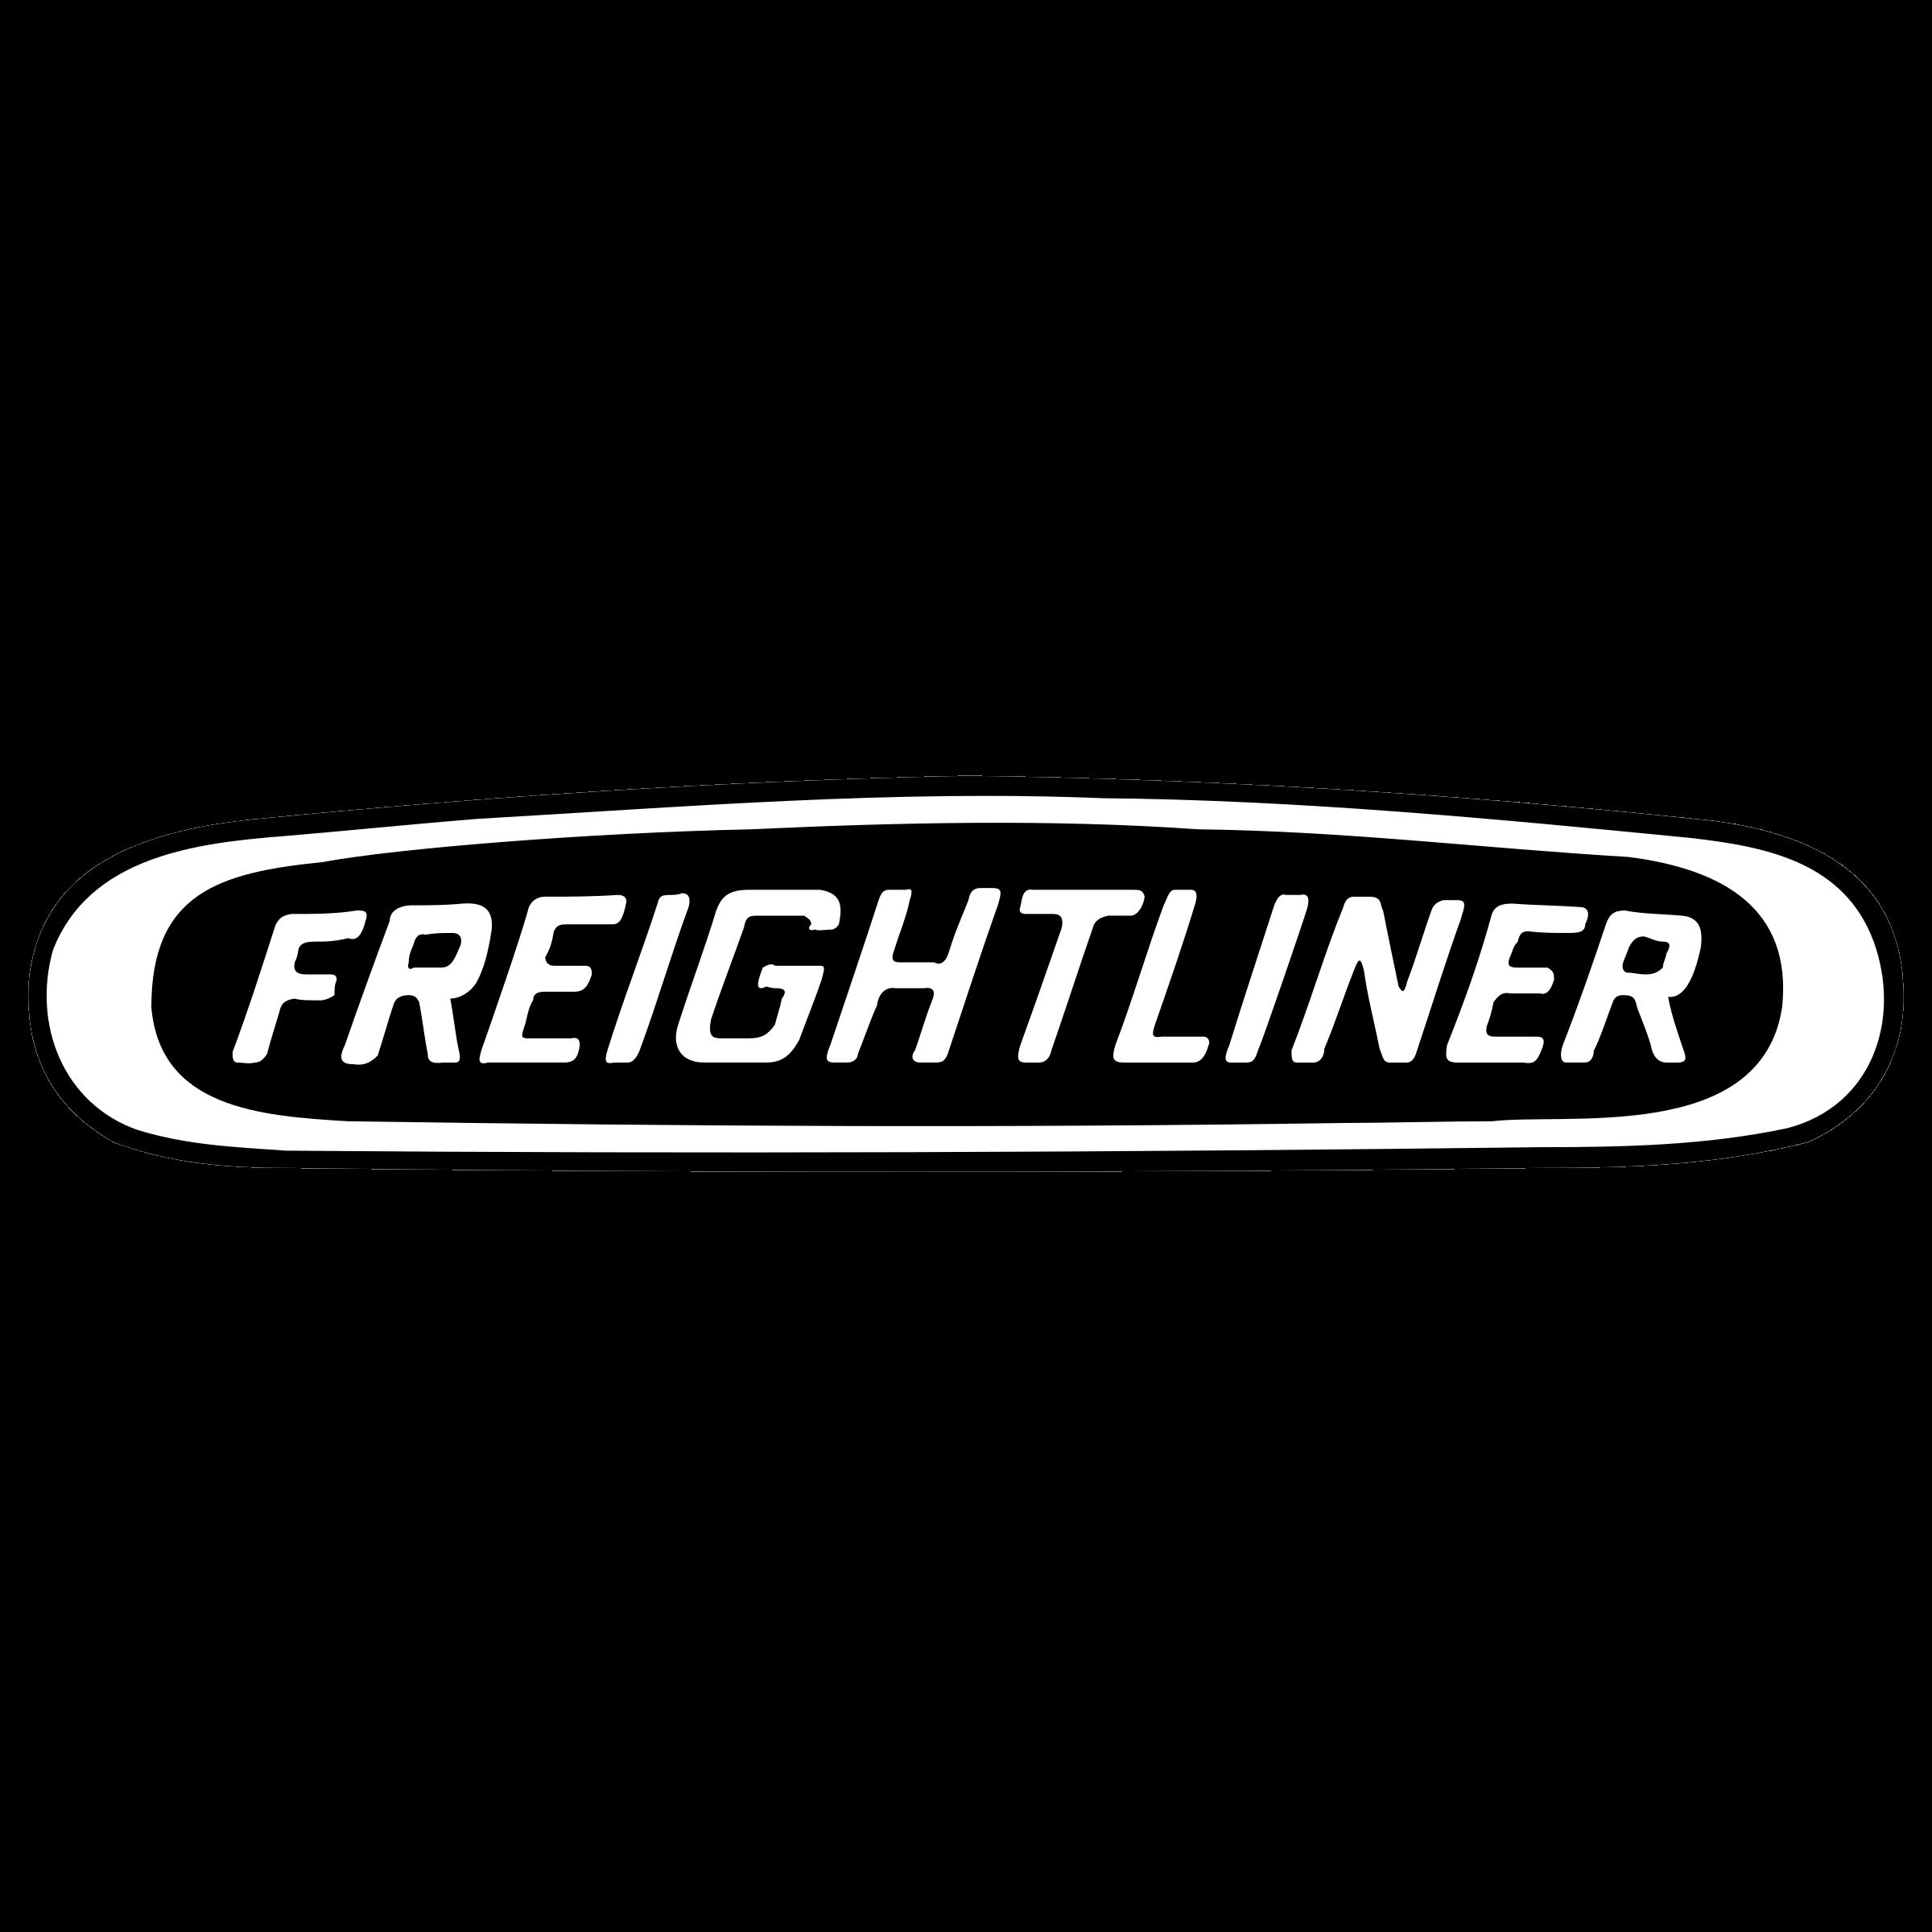 freightliner-trucks-1-logo-png-transparent.png